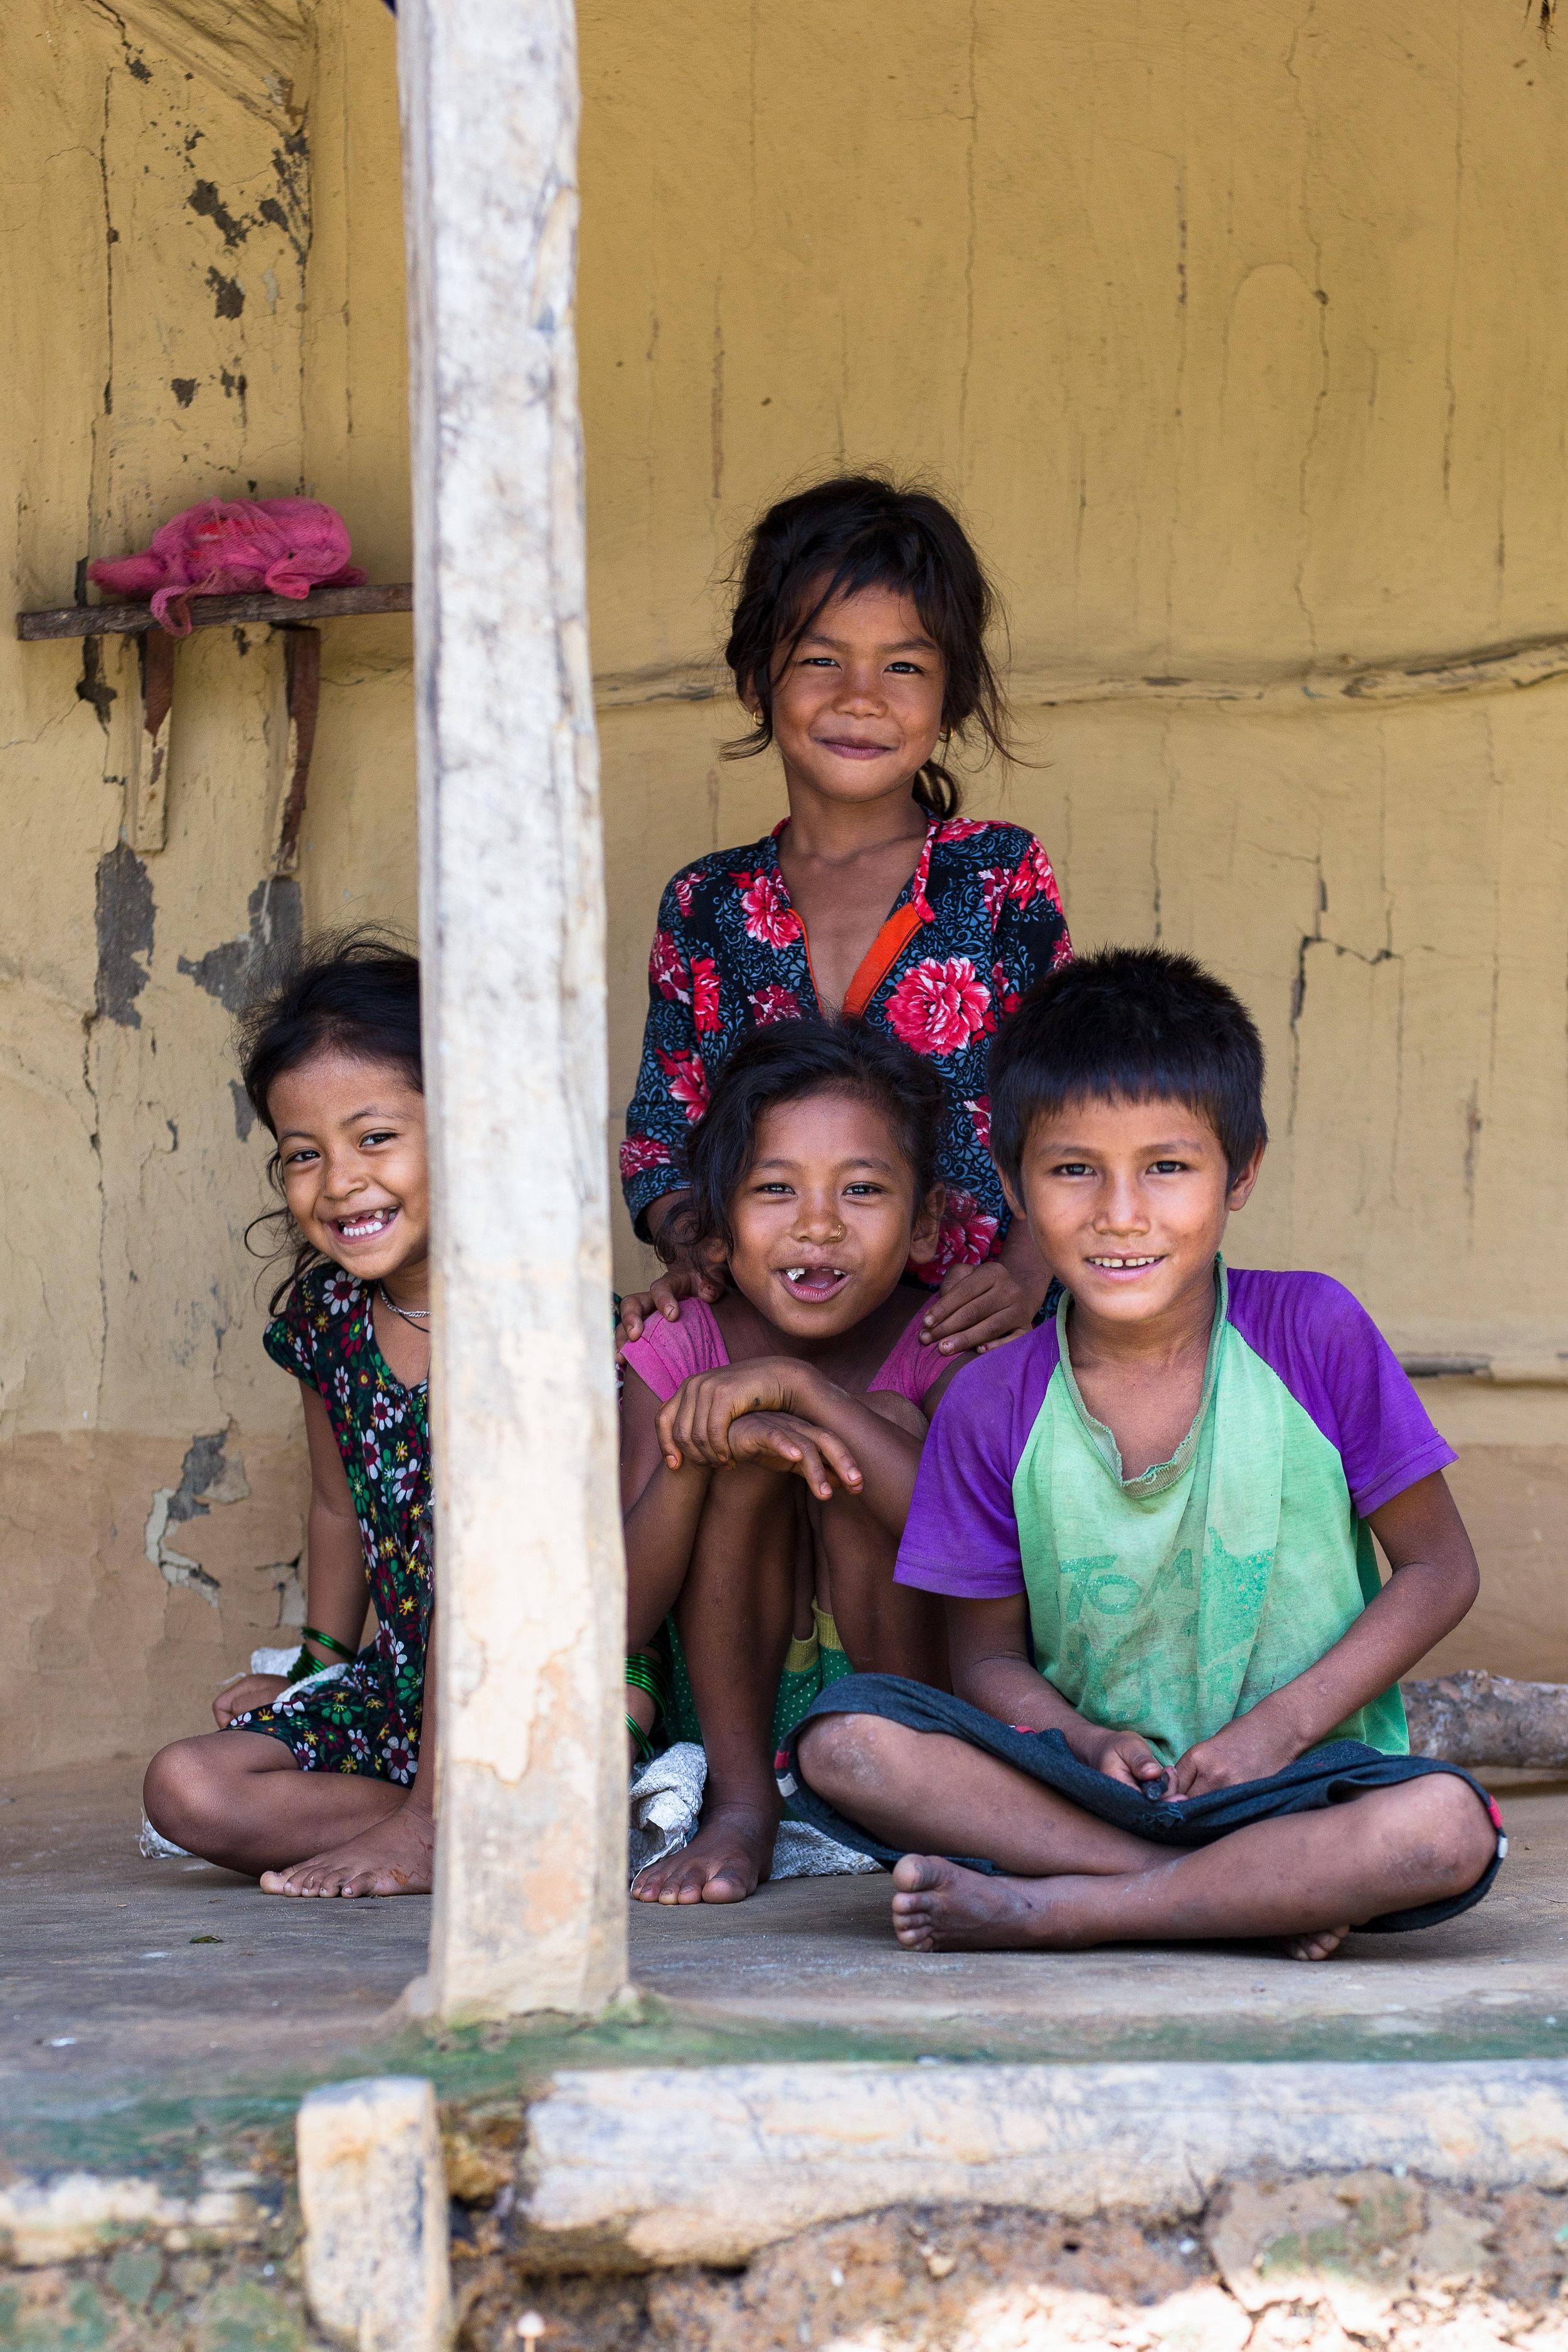 Raitole_Nepal_Kids_On_Porch